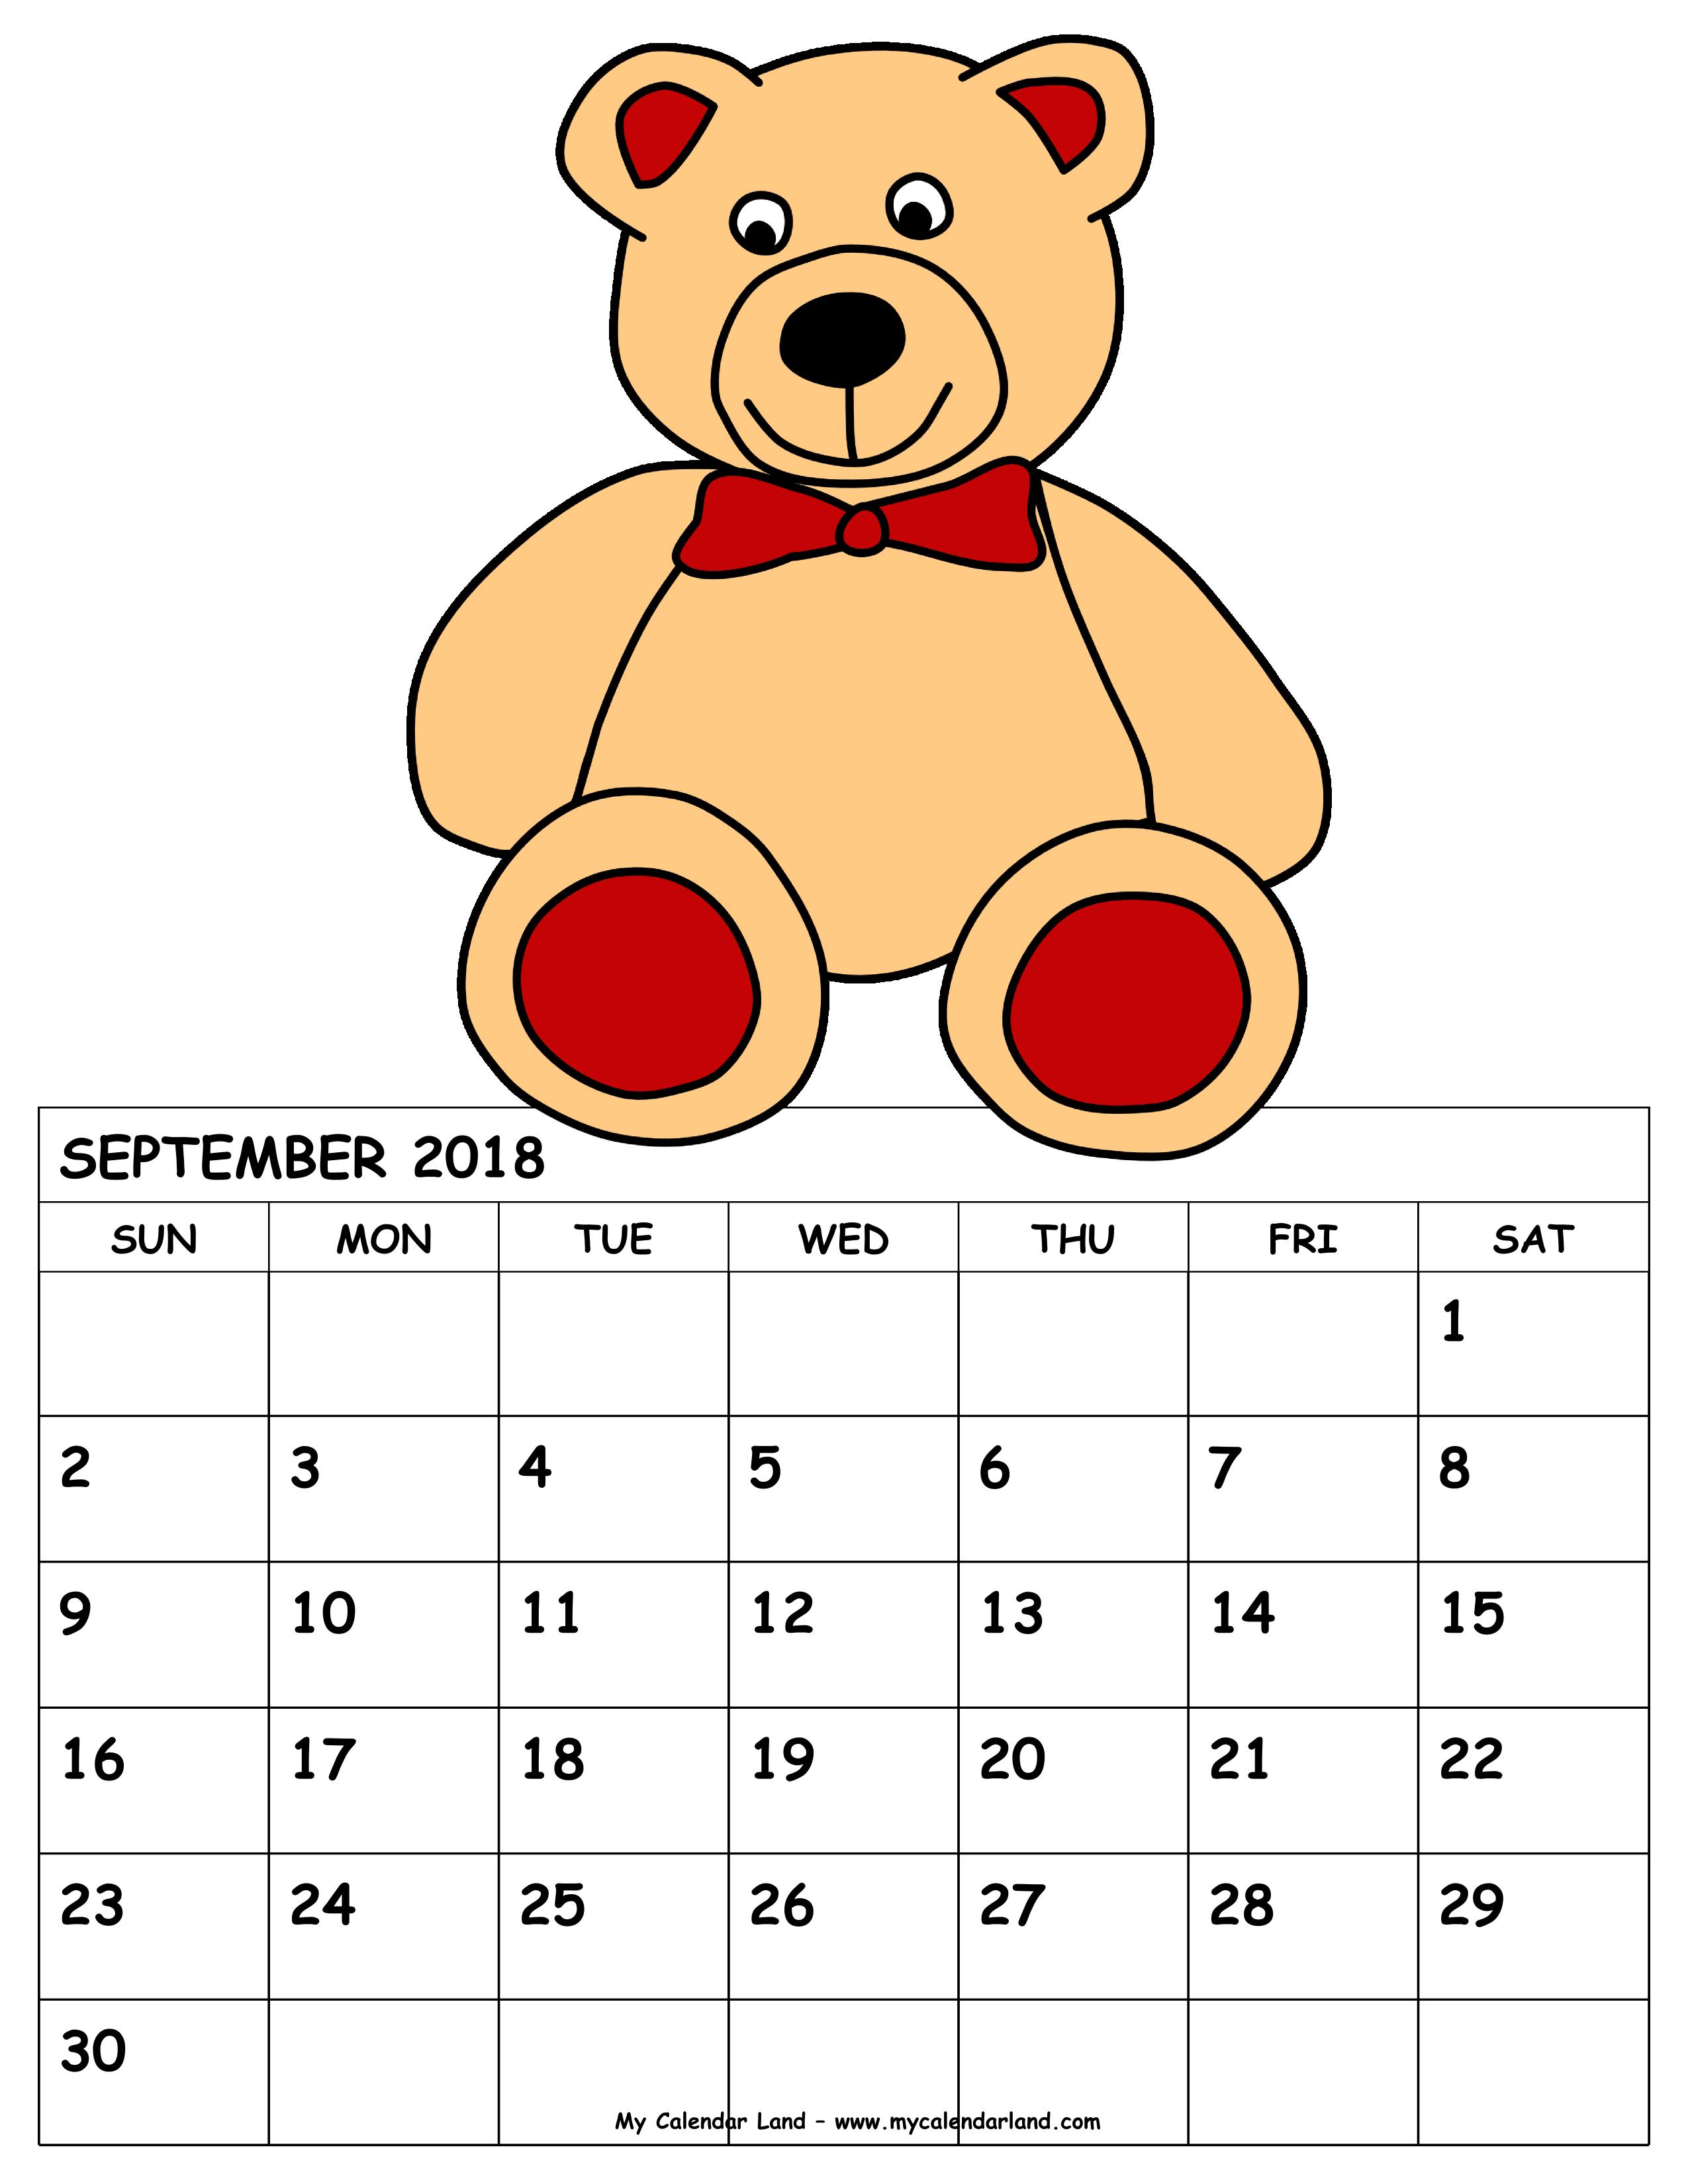 November calendar clip art picture September 2018 Calendar - My Calendar Land picture